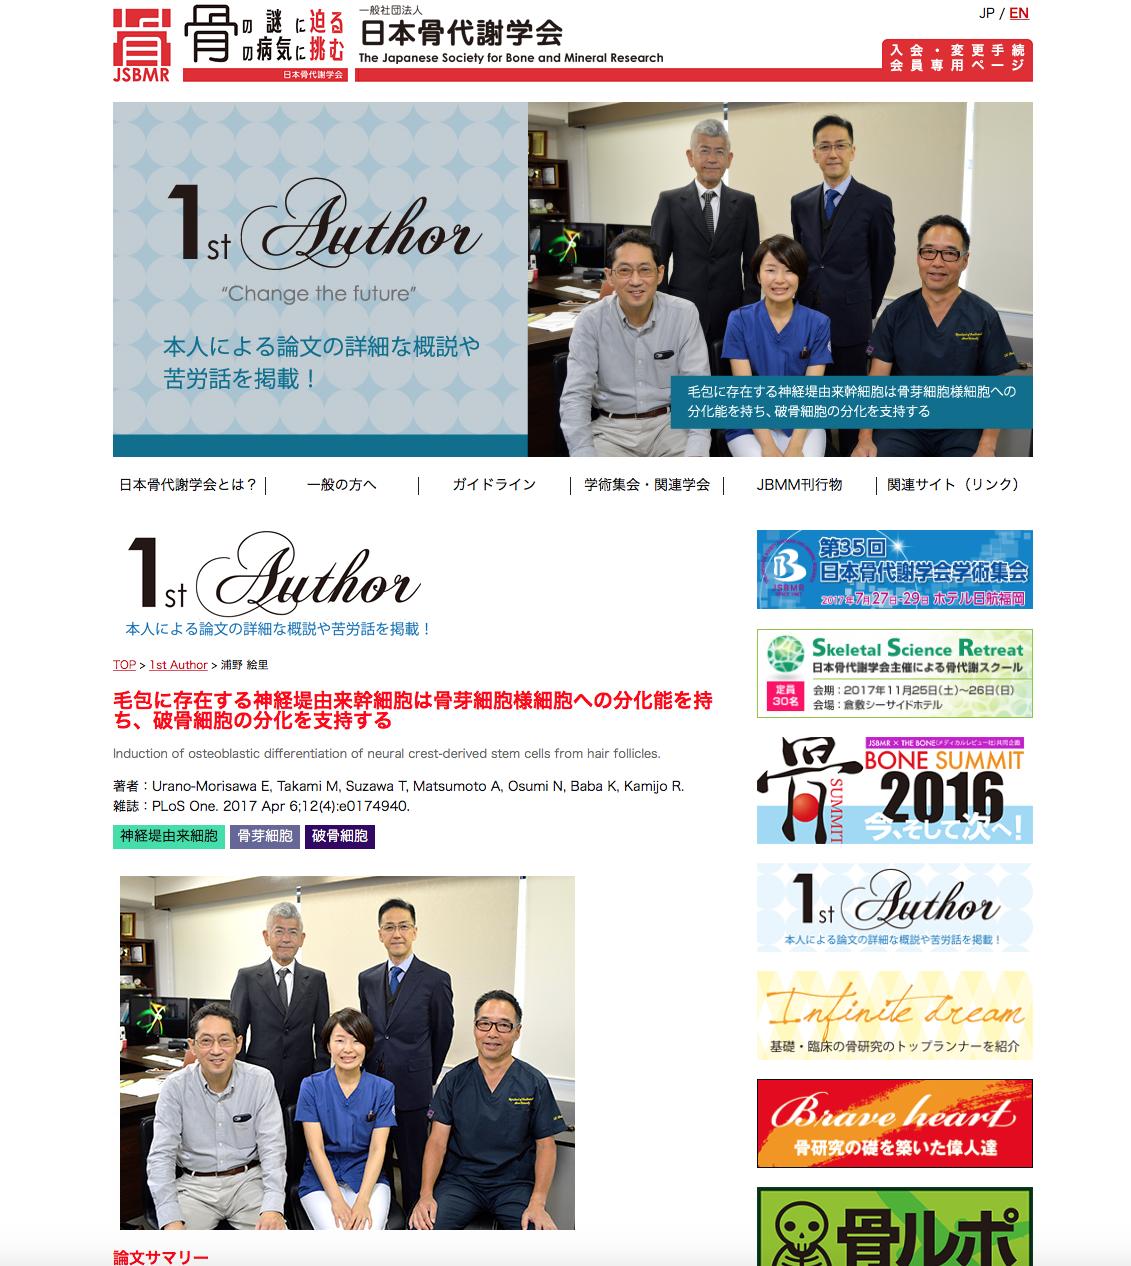 日本骨代謝学会HPの「1st Author企画」に浦野絵里の記事が掲載されました